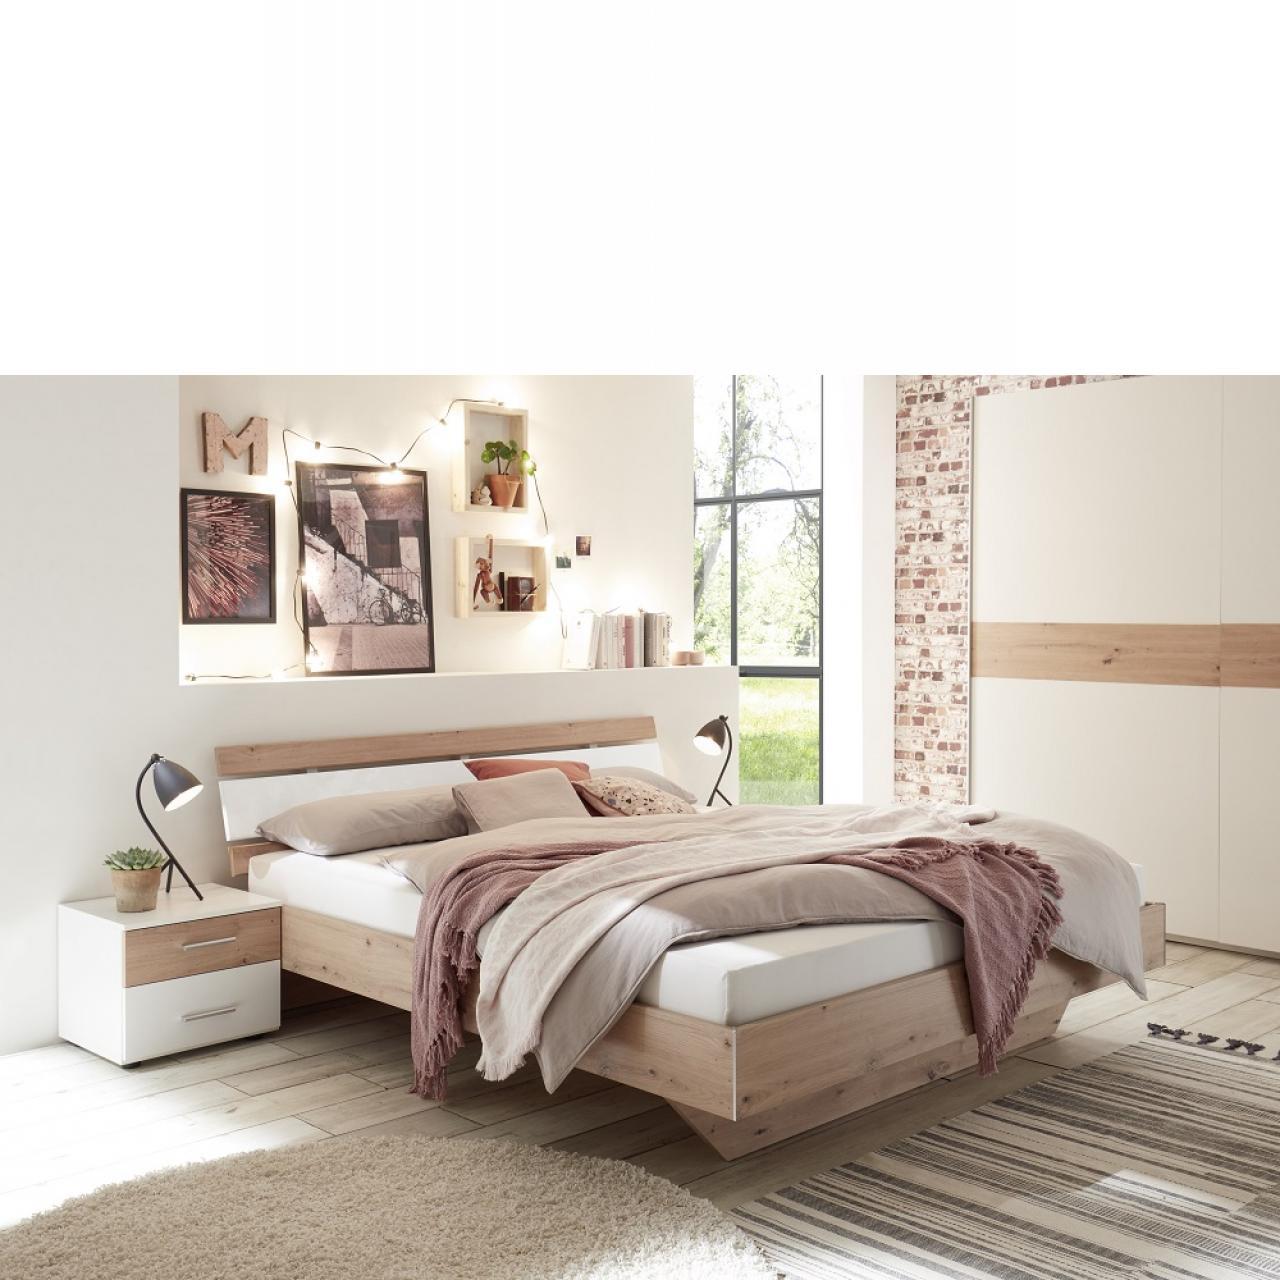 Bettanlage Cadiz Artisan Weiß Jugendbett Schlafzimmer 180x200 MDF m. 2 Nachtkonsolen